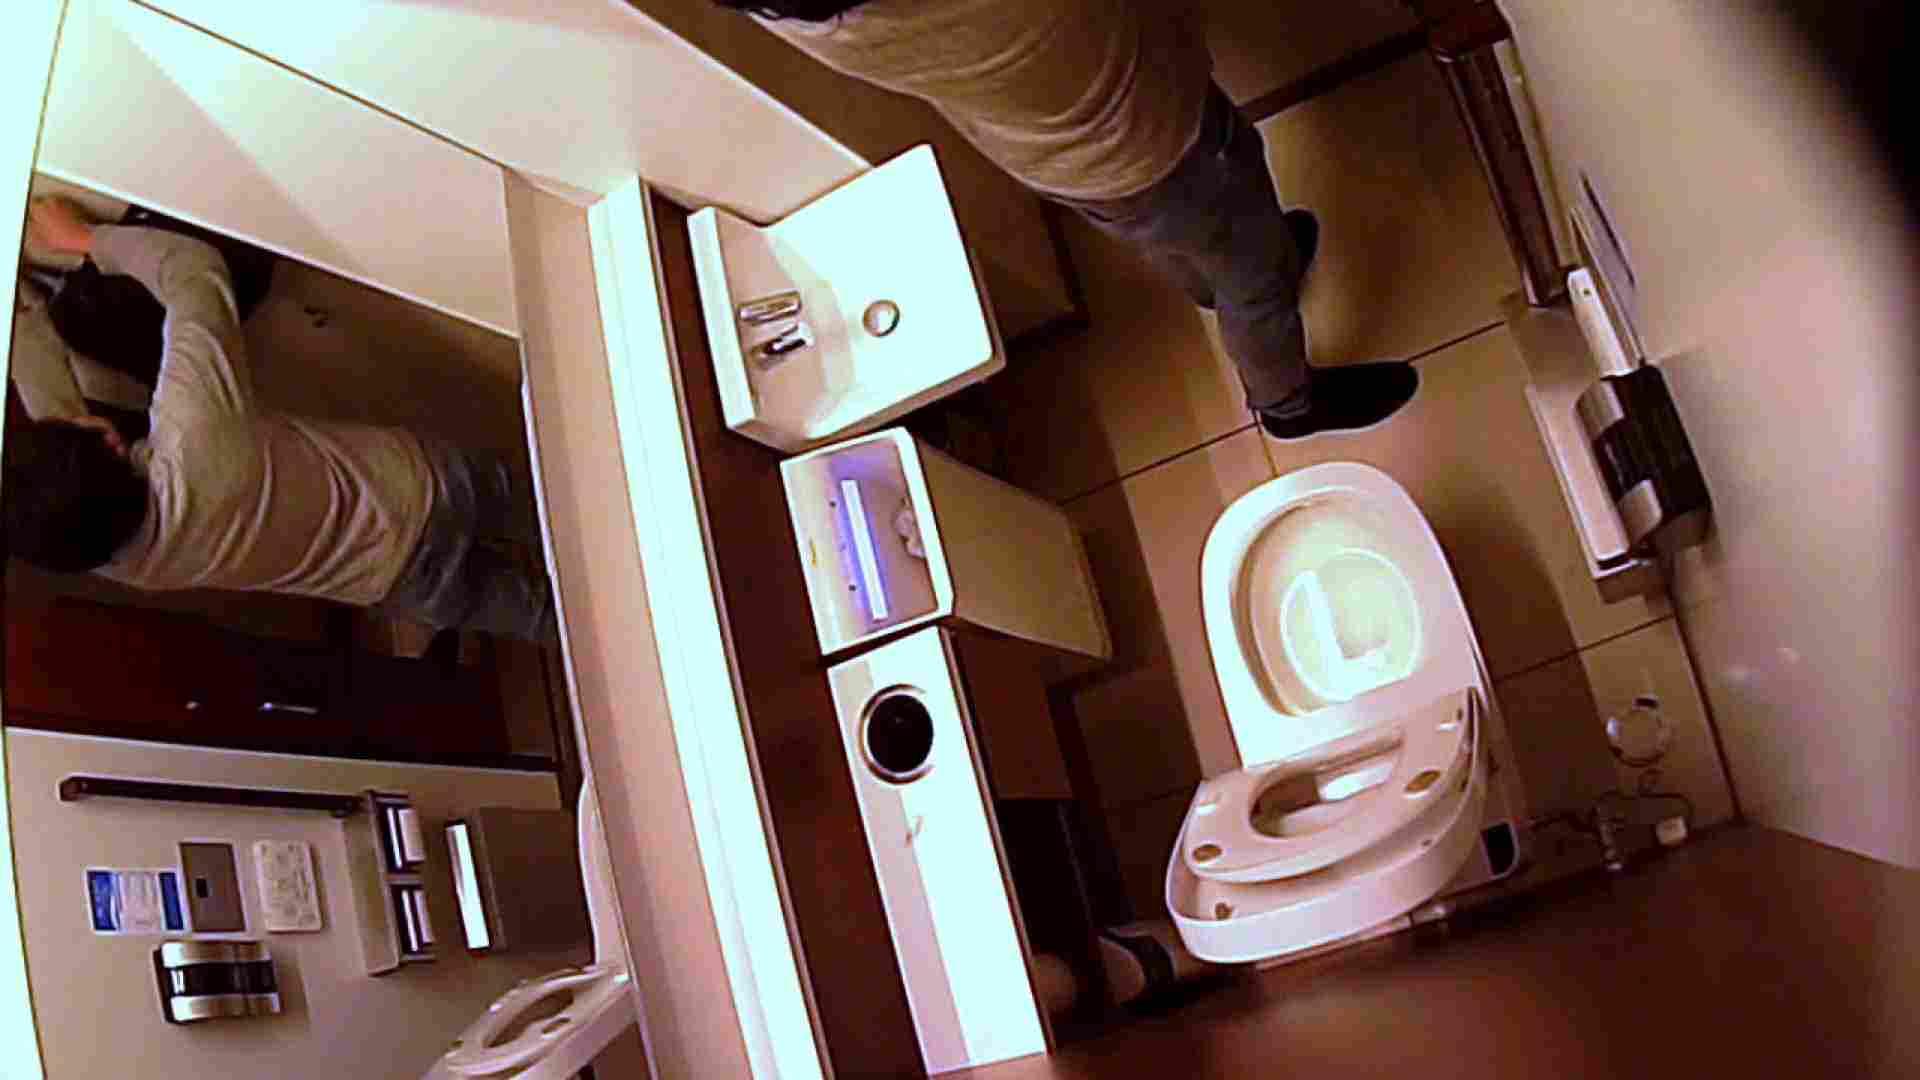 すみませんが覗かせてください Vol.30 トイレ | 0  100連発 15